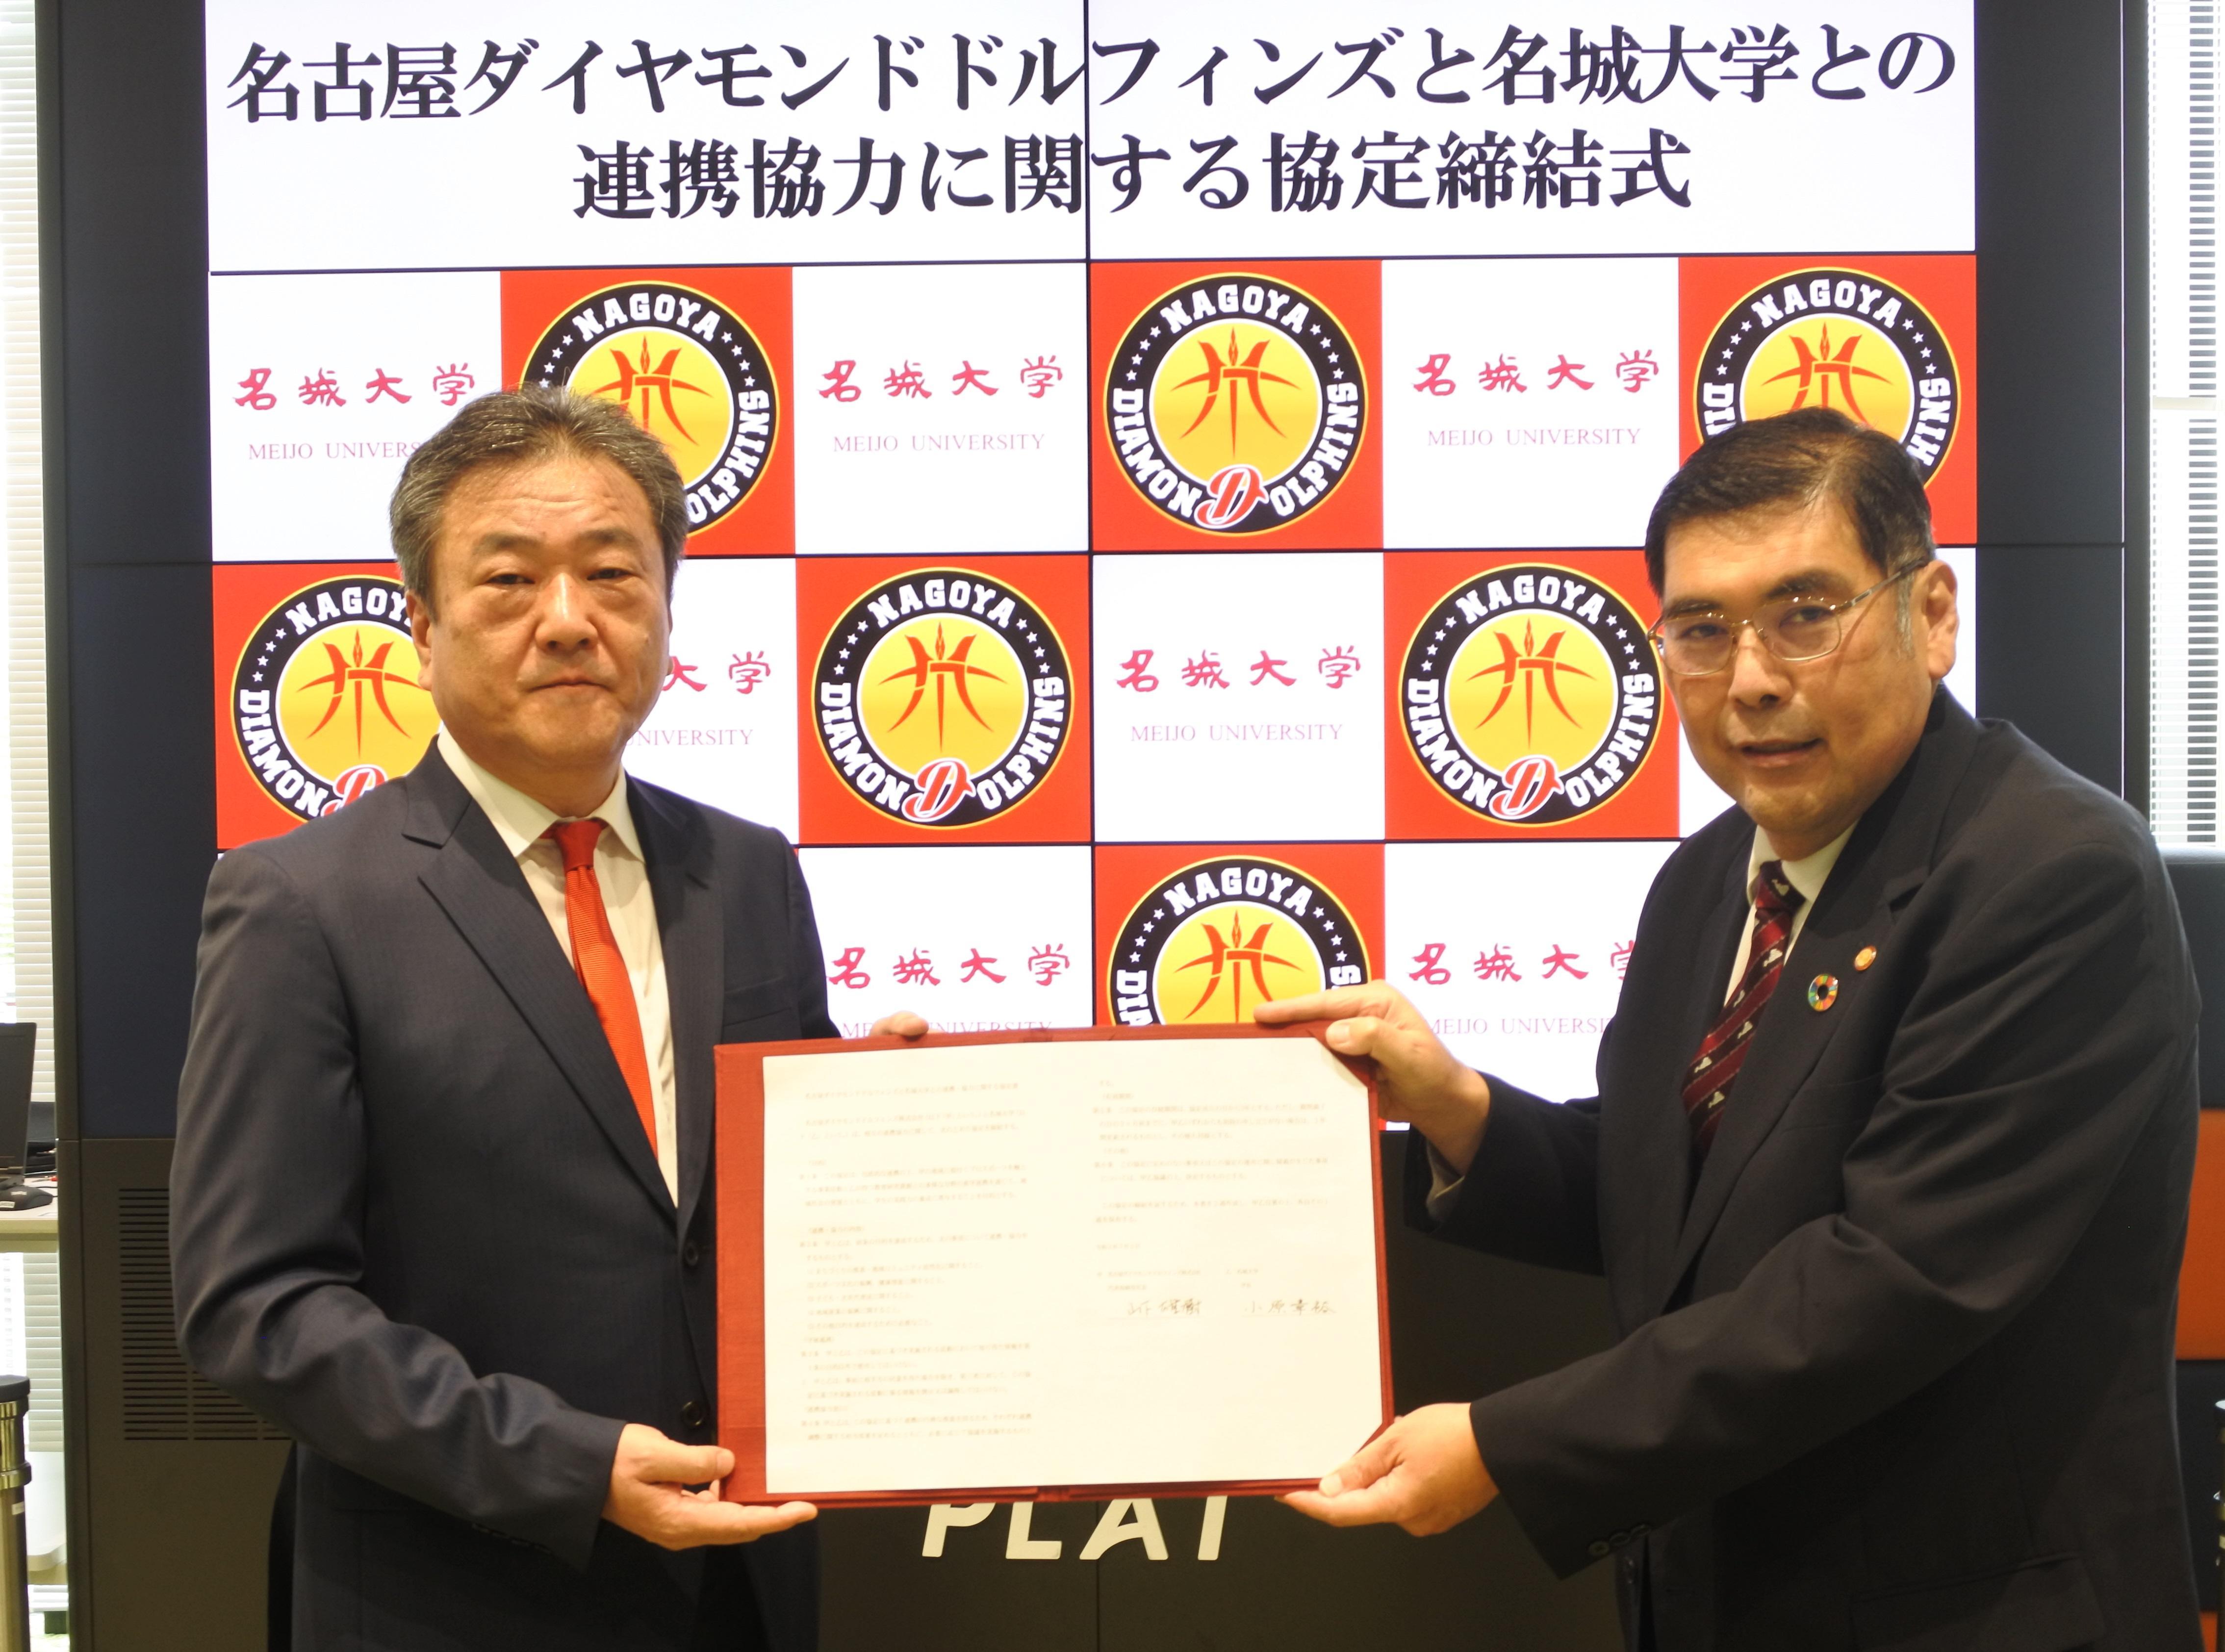 本学と名古屋ダイヤモンドドルフィンズが連携・協力に関する協定を締結